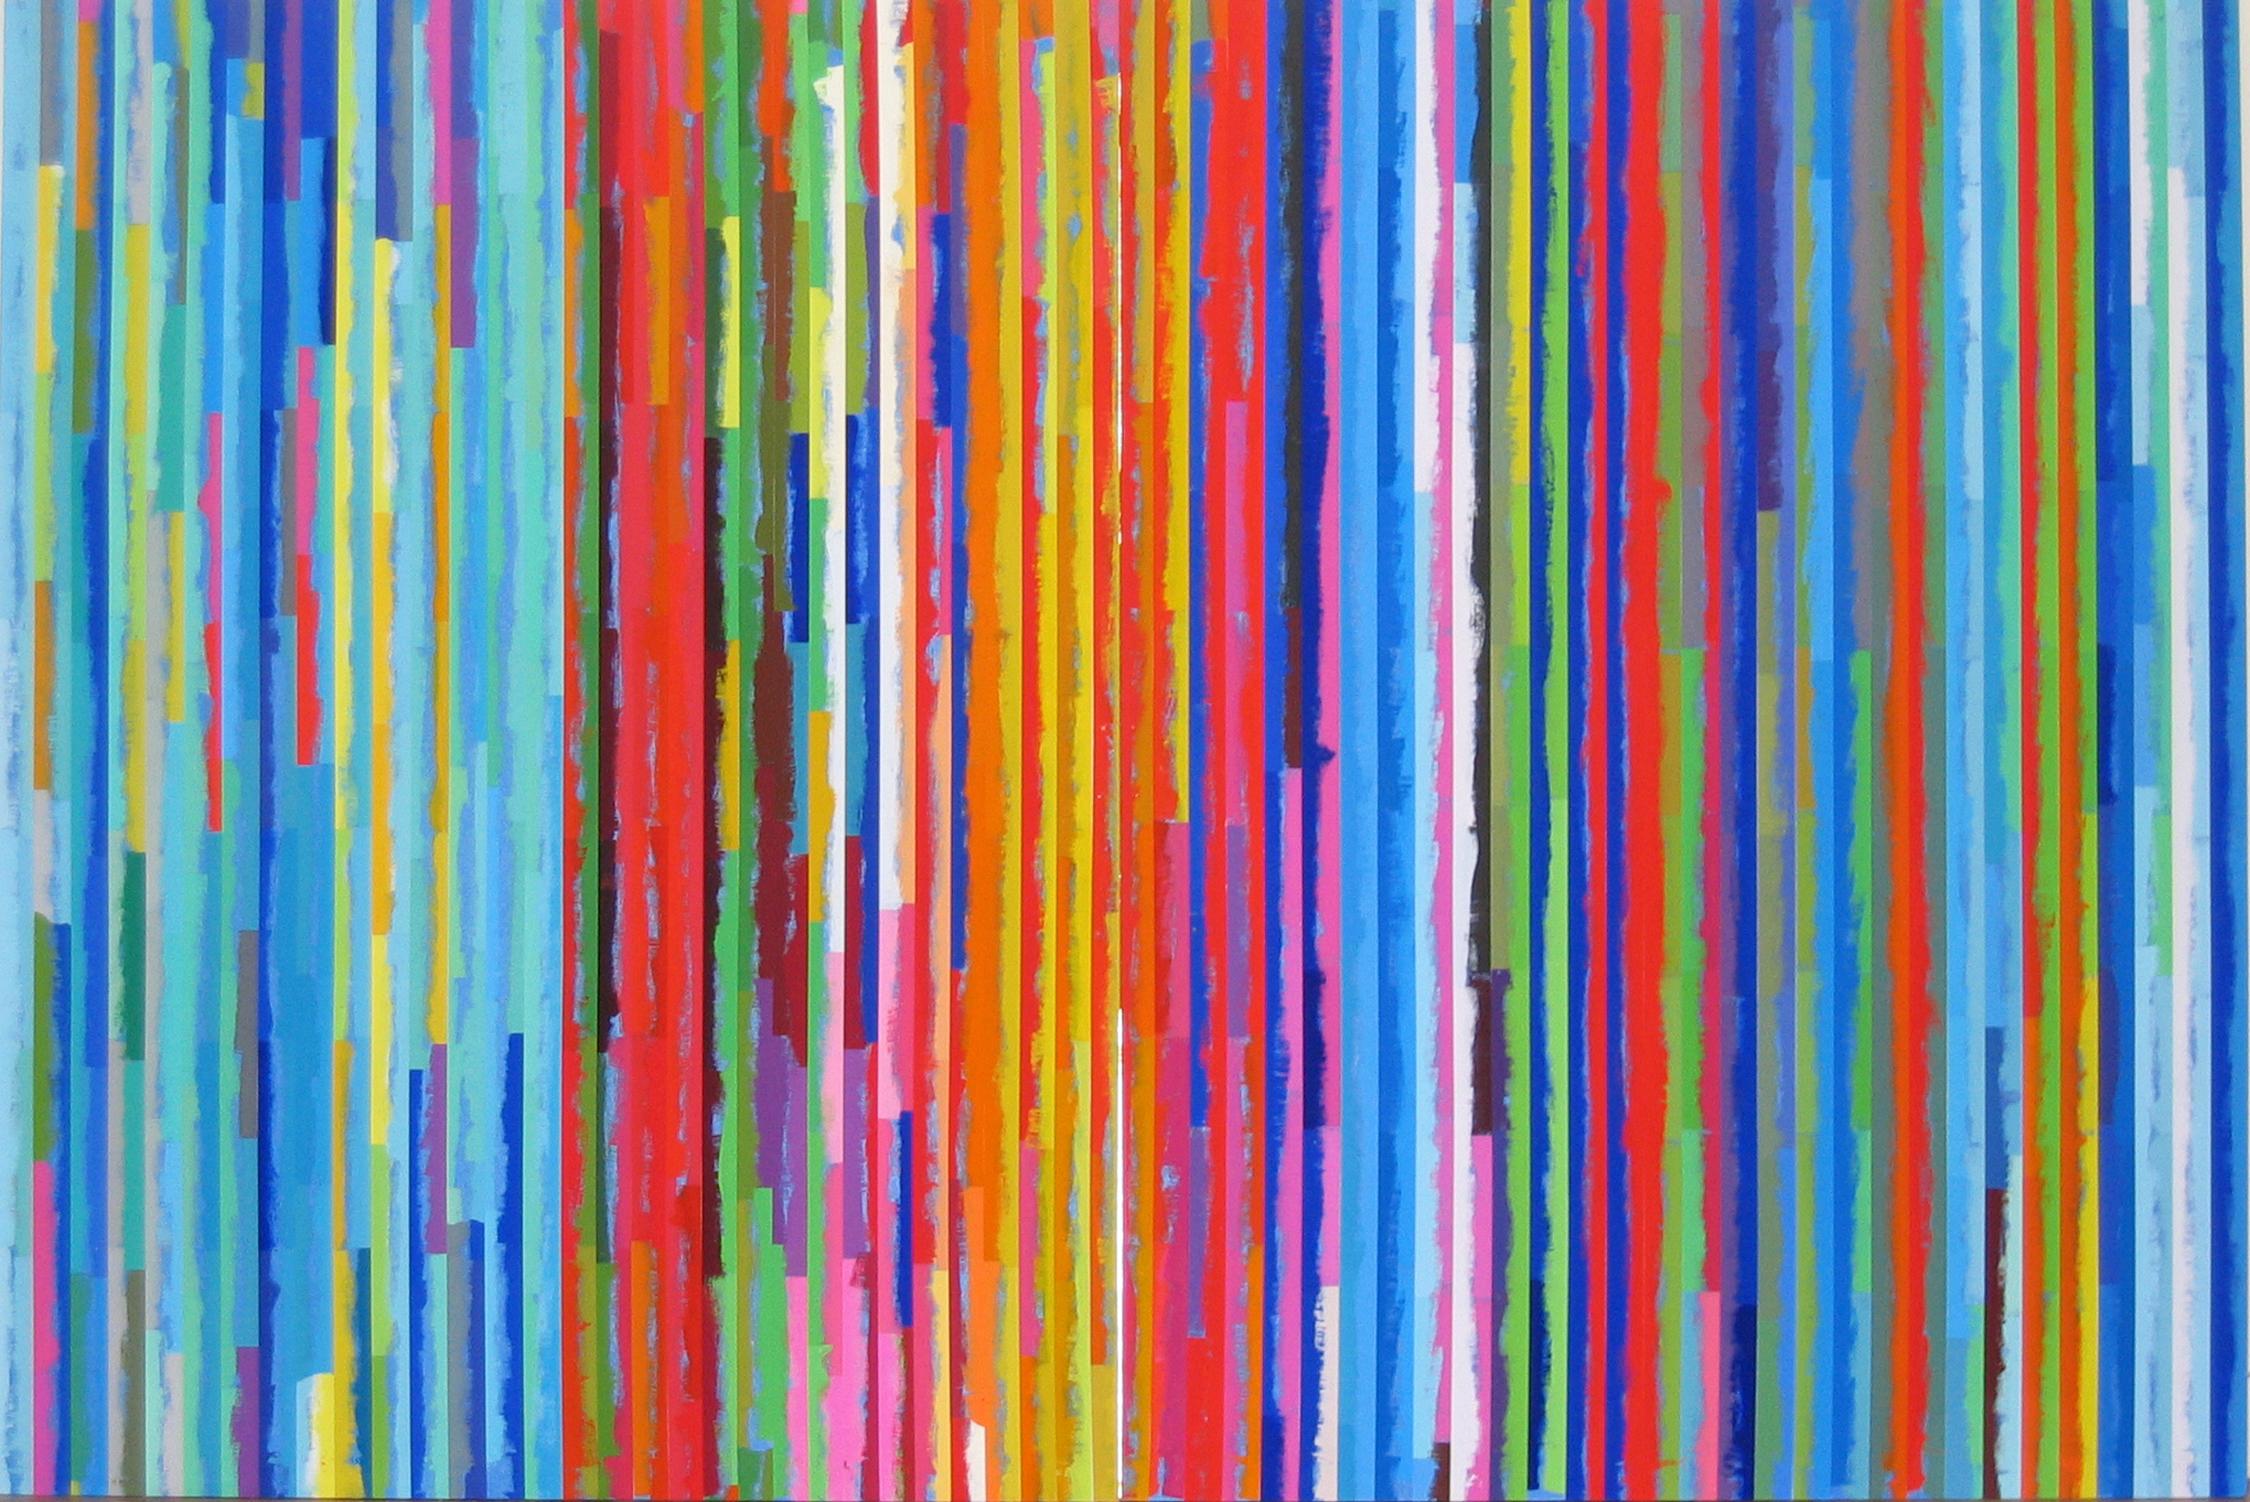 ROBERT OWEN   Spent Light #2  2004 Polymer paint, wood & aluminium  76 x 120 cm